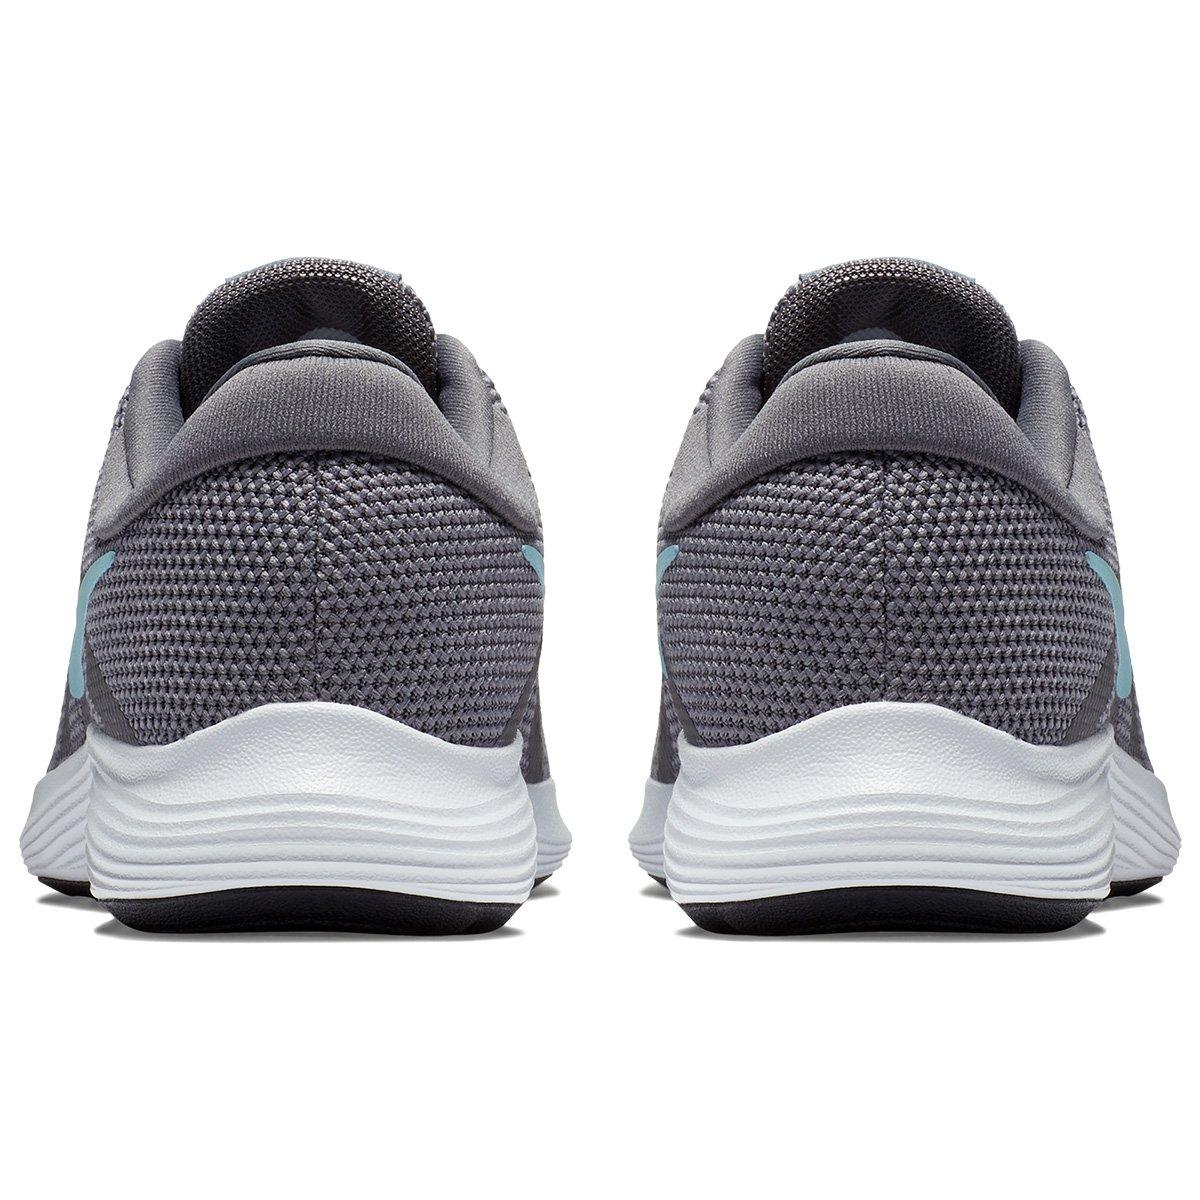 Tênis Nike Wmns Revolution 4 Feminino - Cinza e Azul - Compre Agora ... 1f2dd773cf700